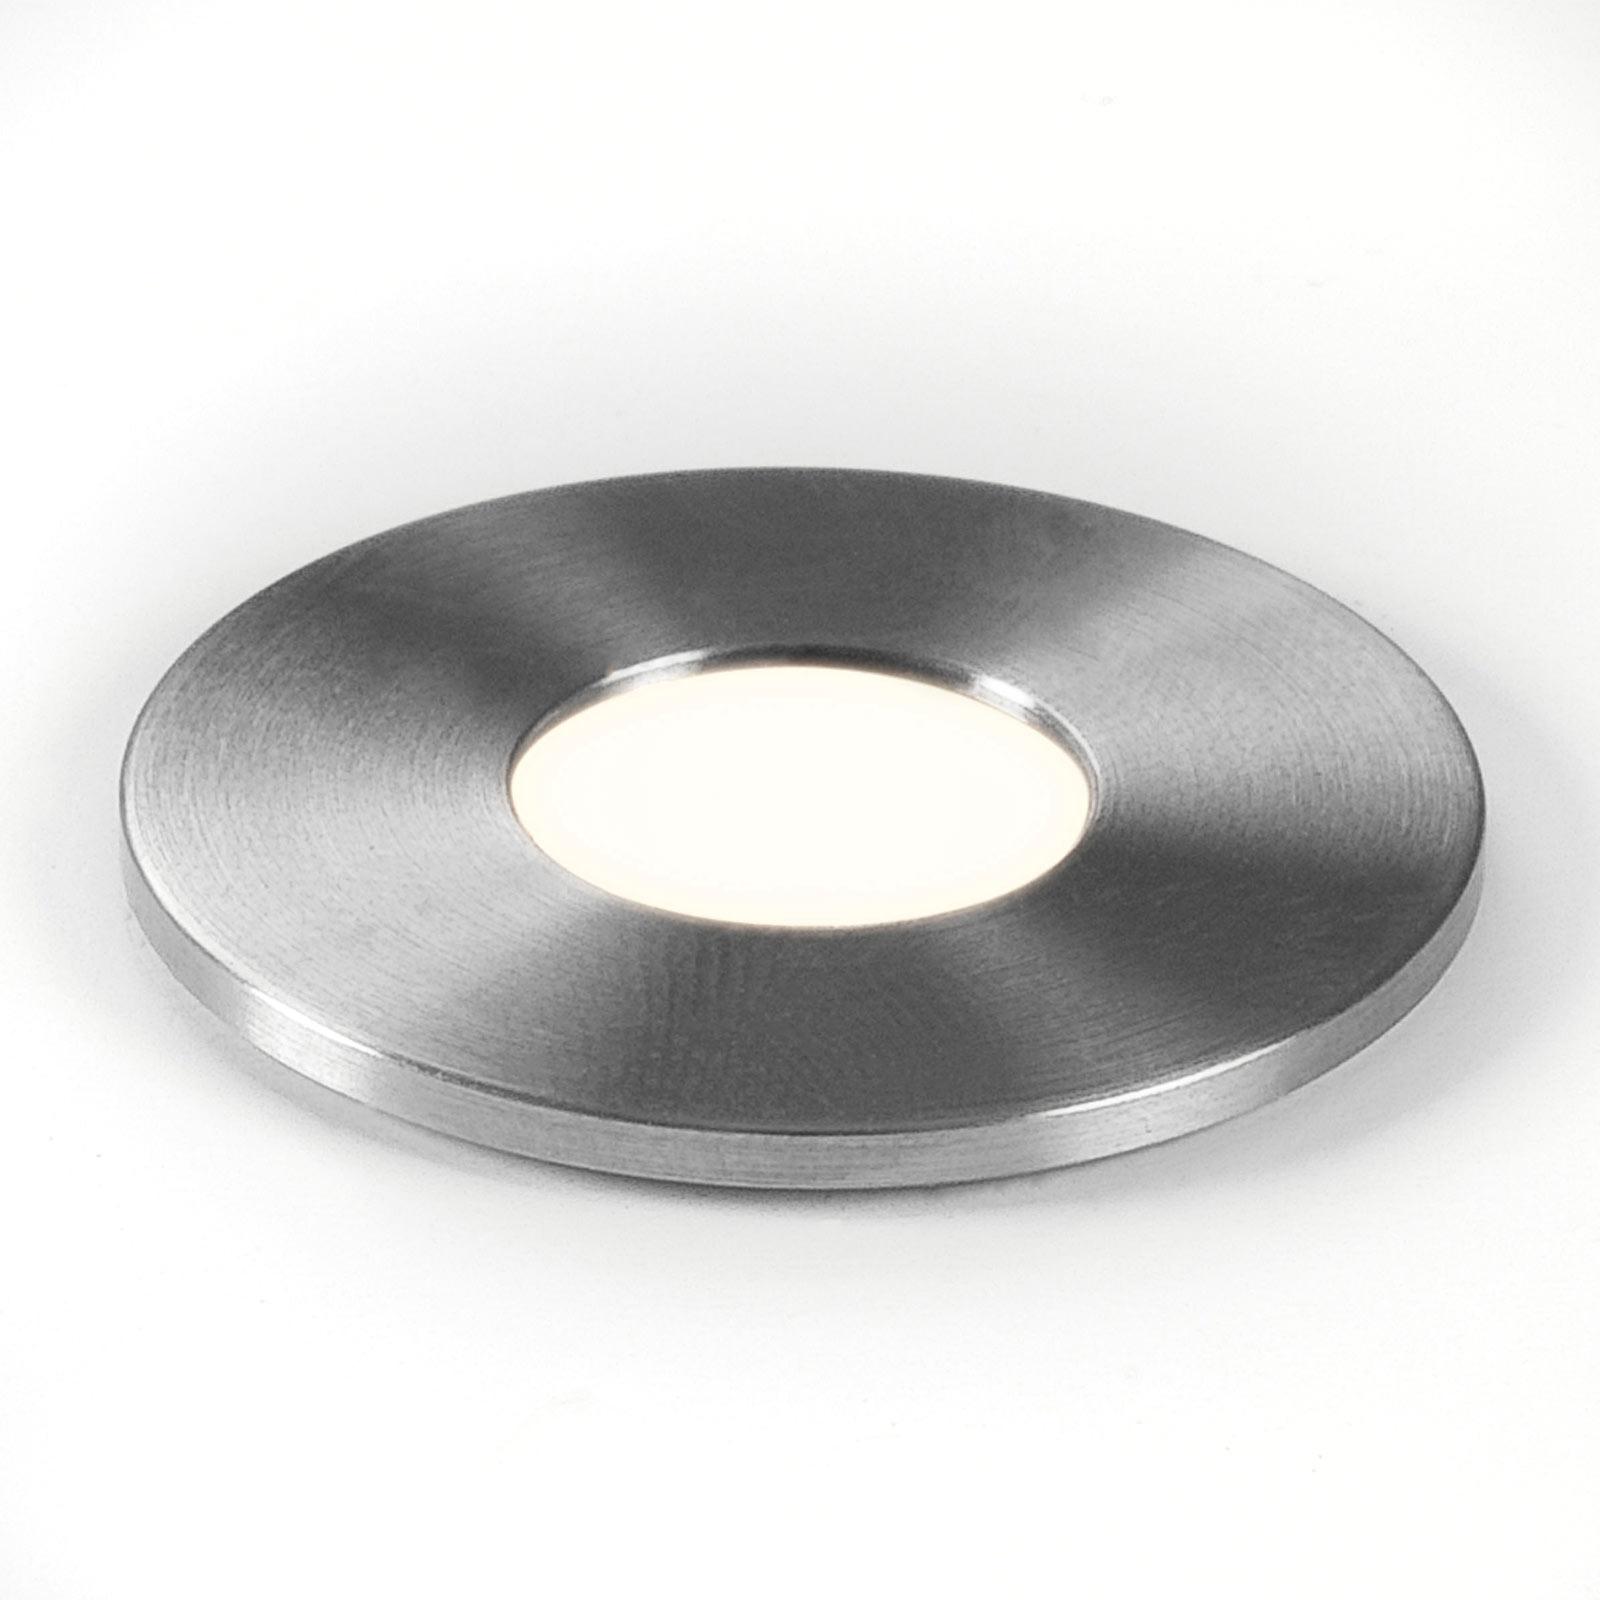 Astro Terra 28 Round LED indbygningslampe, IP65